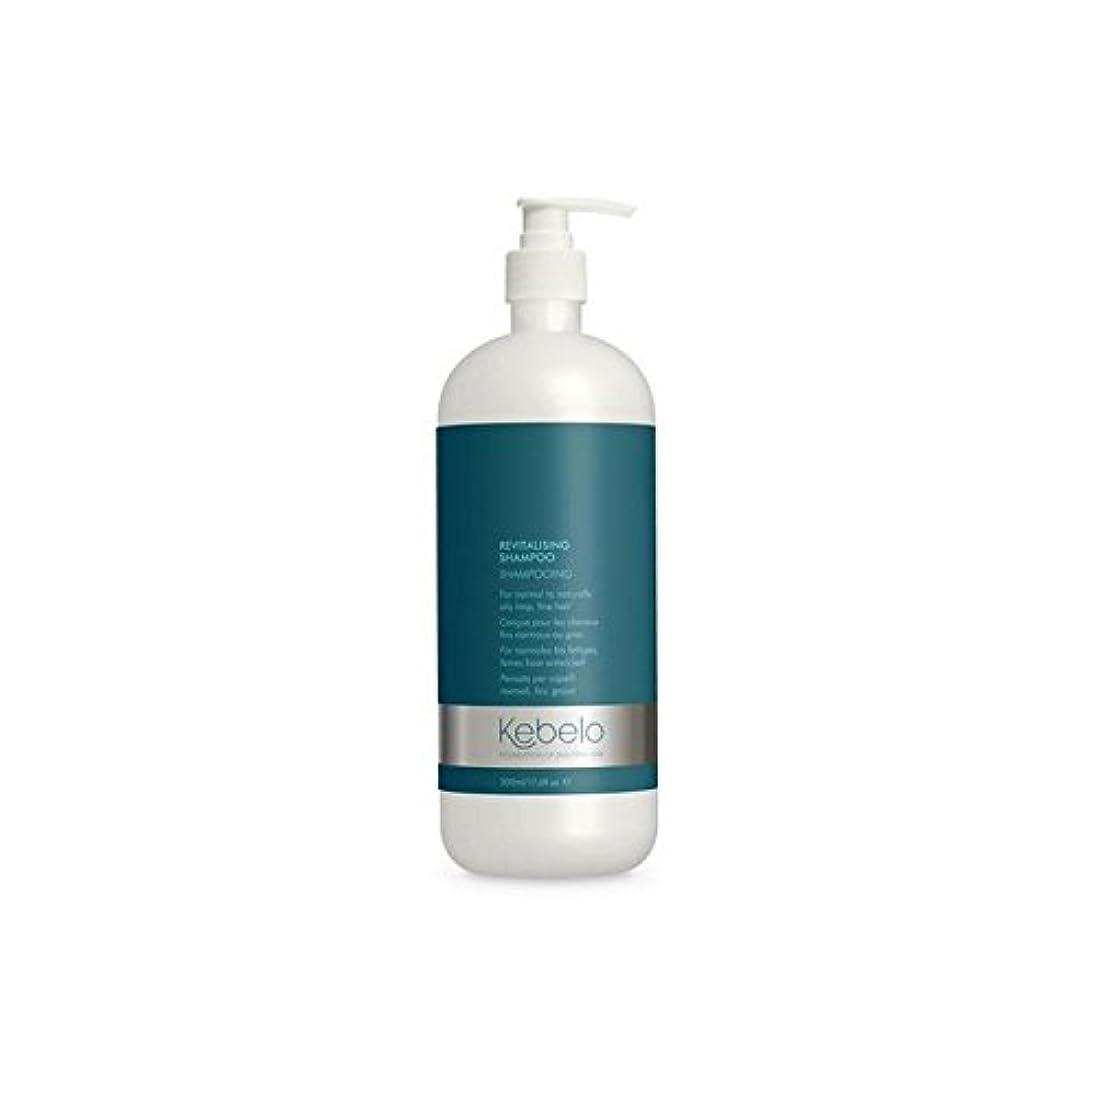 ハウジング準備極めてKebelo Revitalising Shampoo (500ml) - 活力シャンプー(500ミリリットル) [並行輸入品]